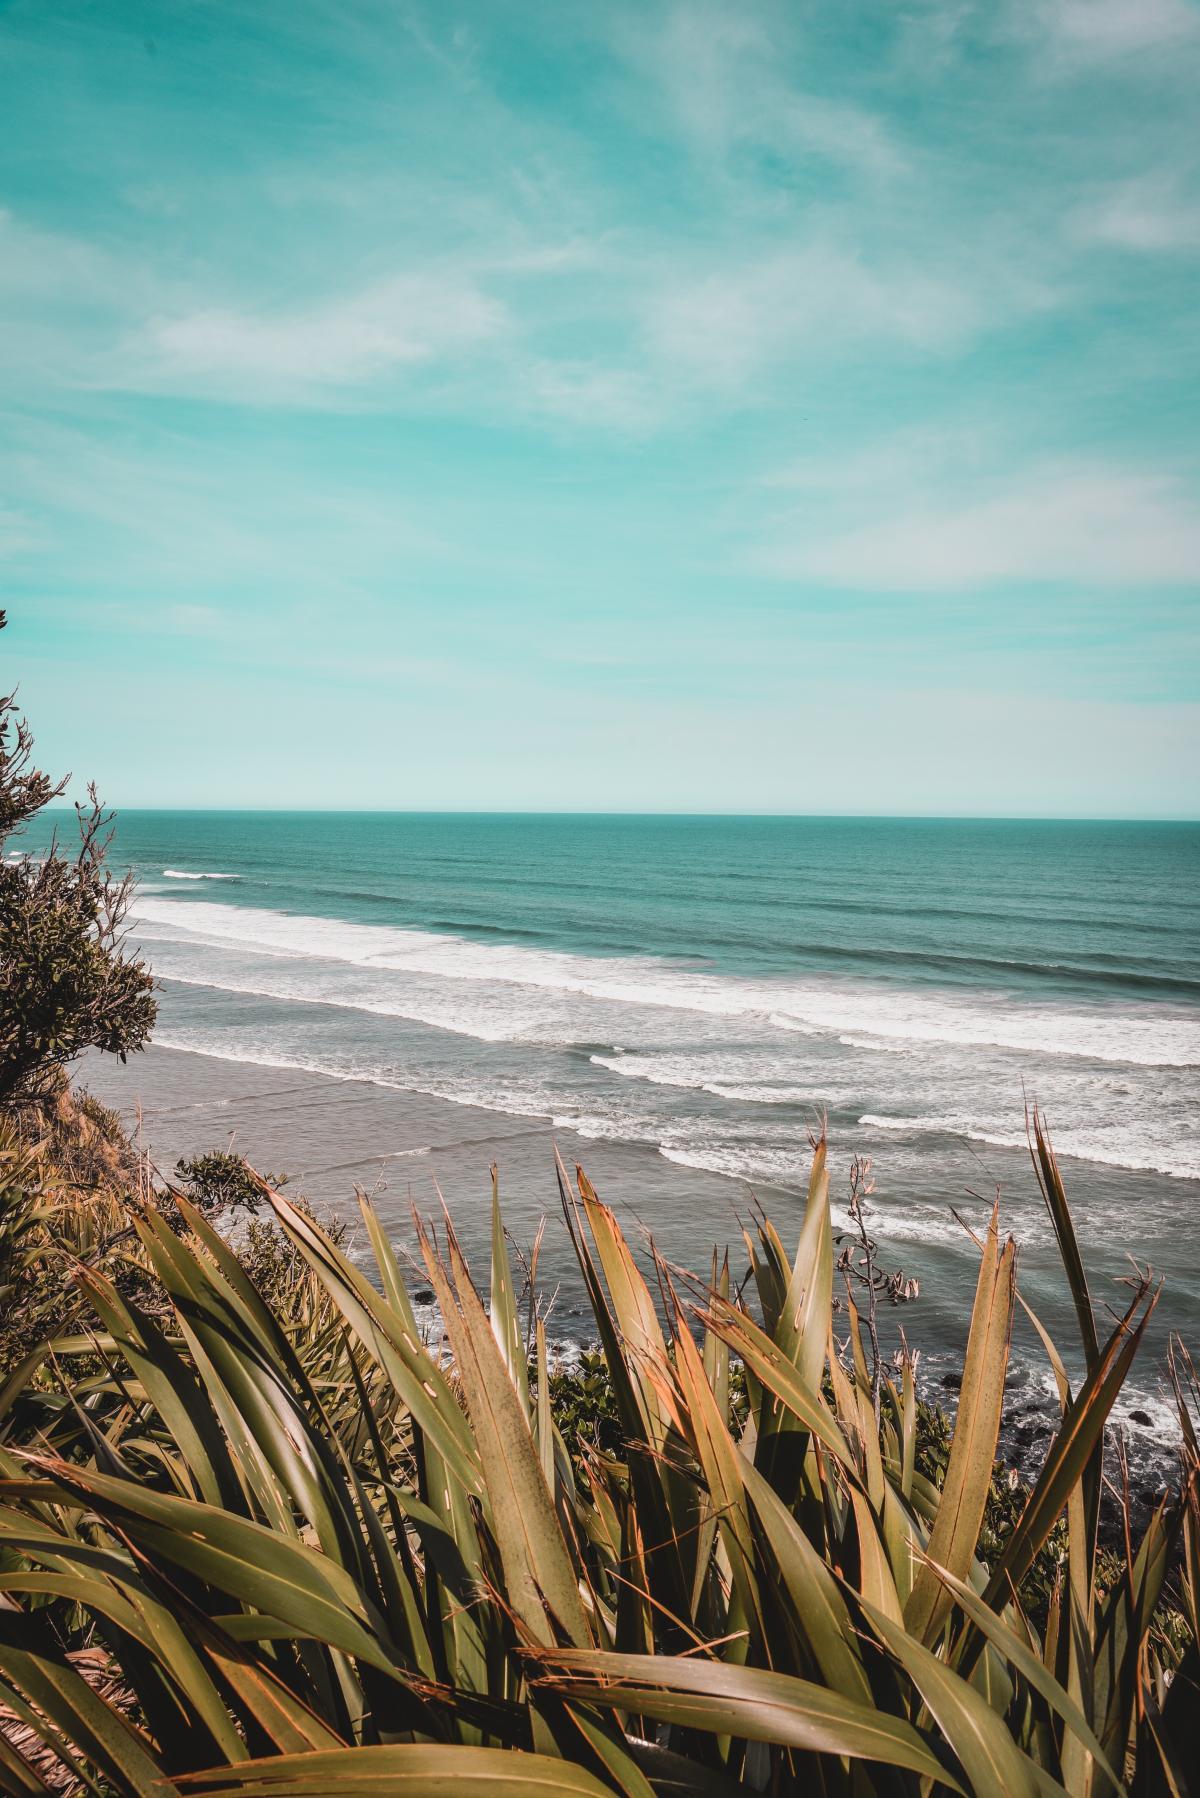 Beach Ocean Sea #422434